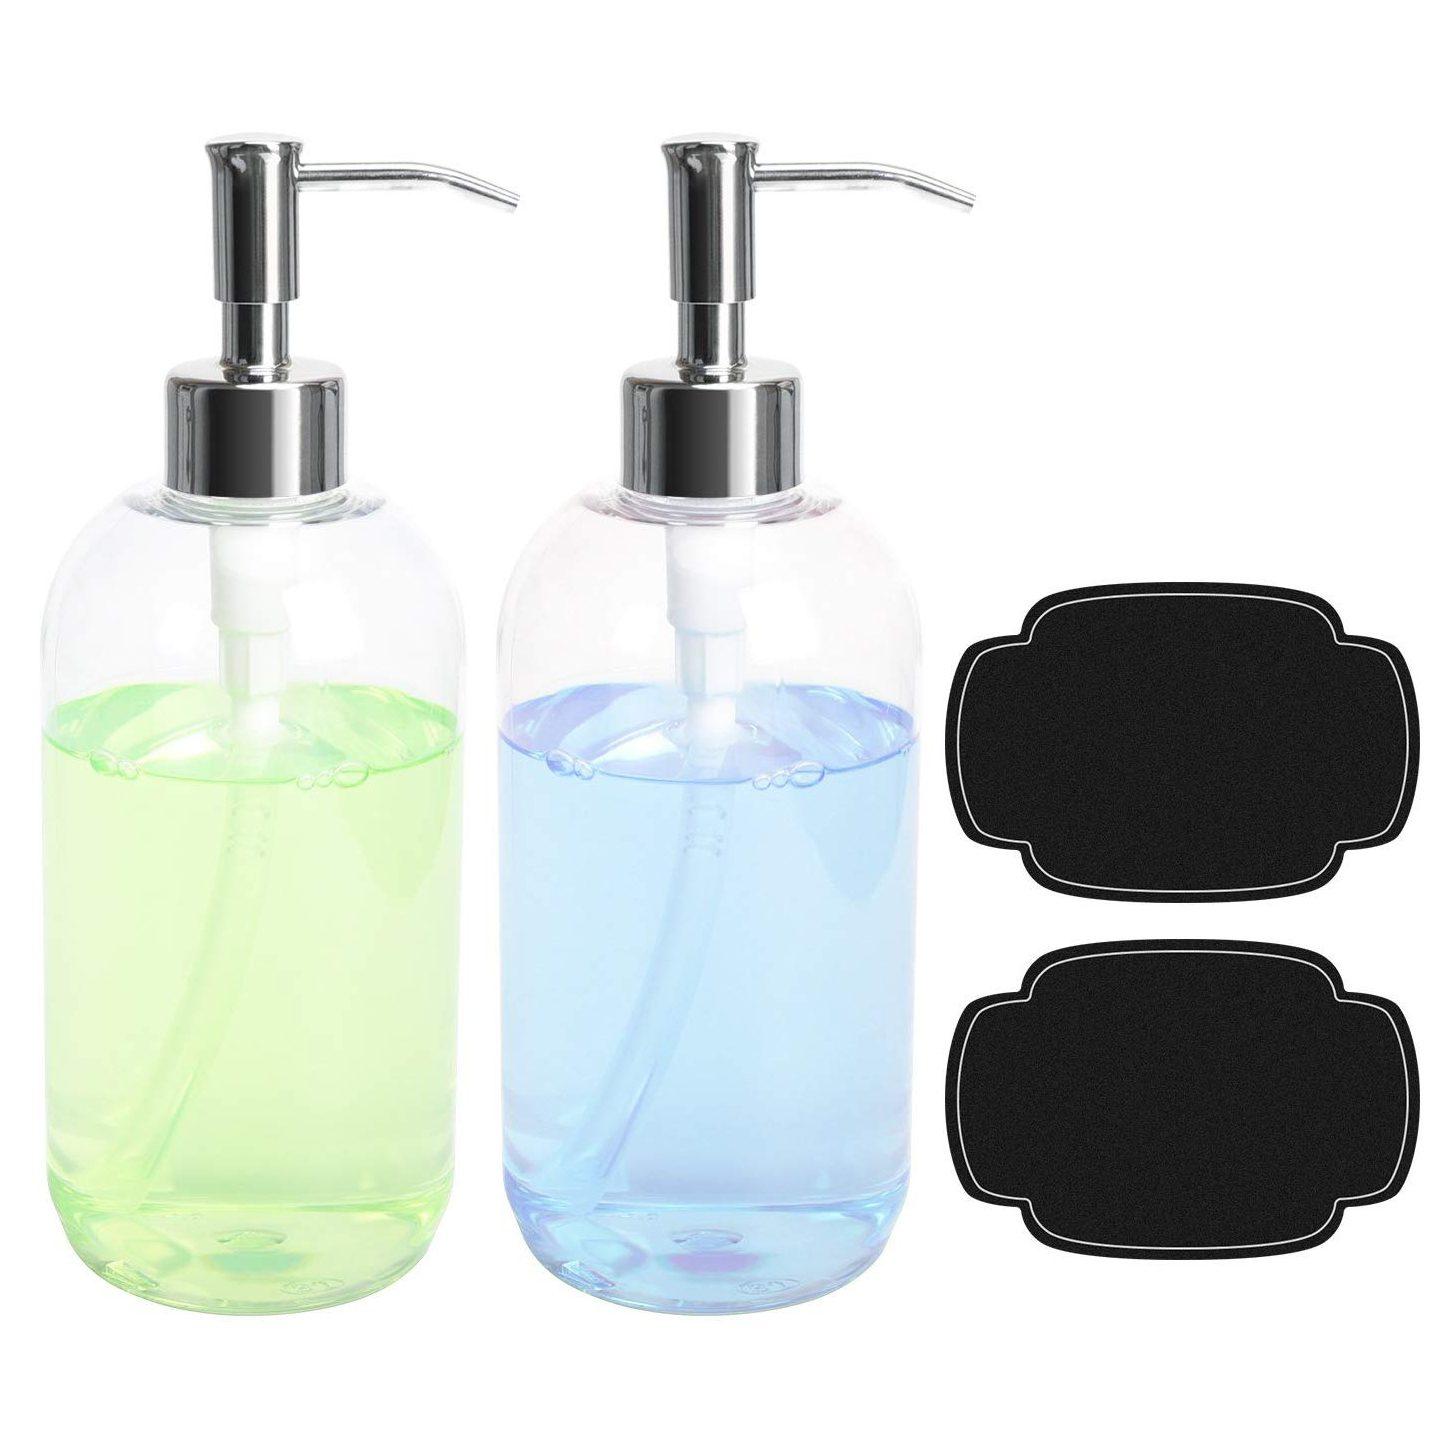 soap despenser